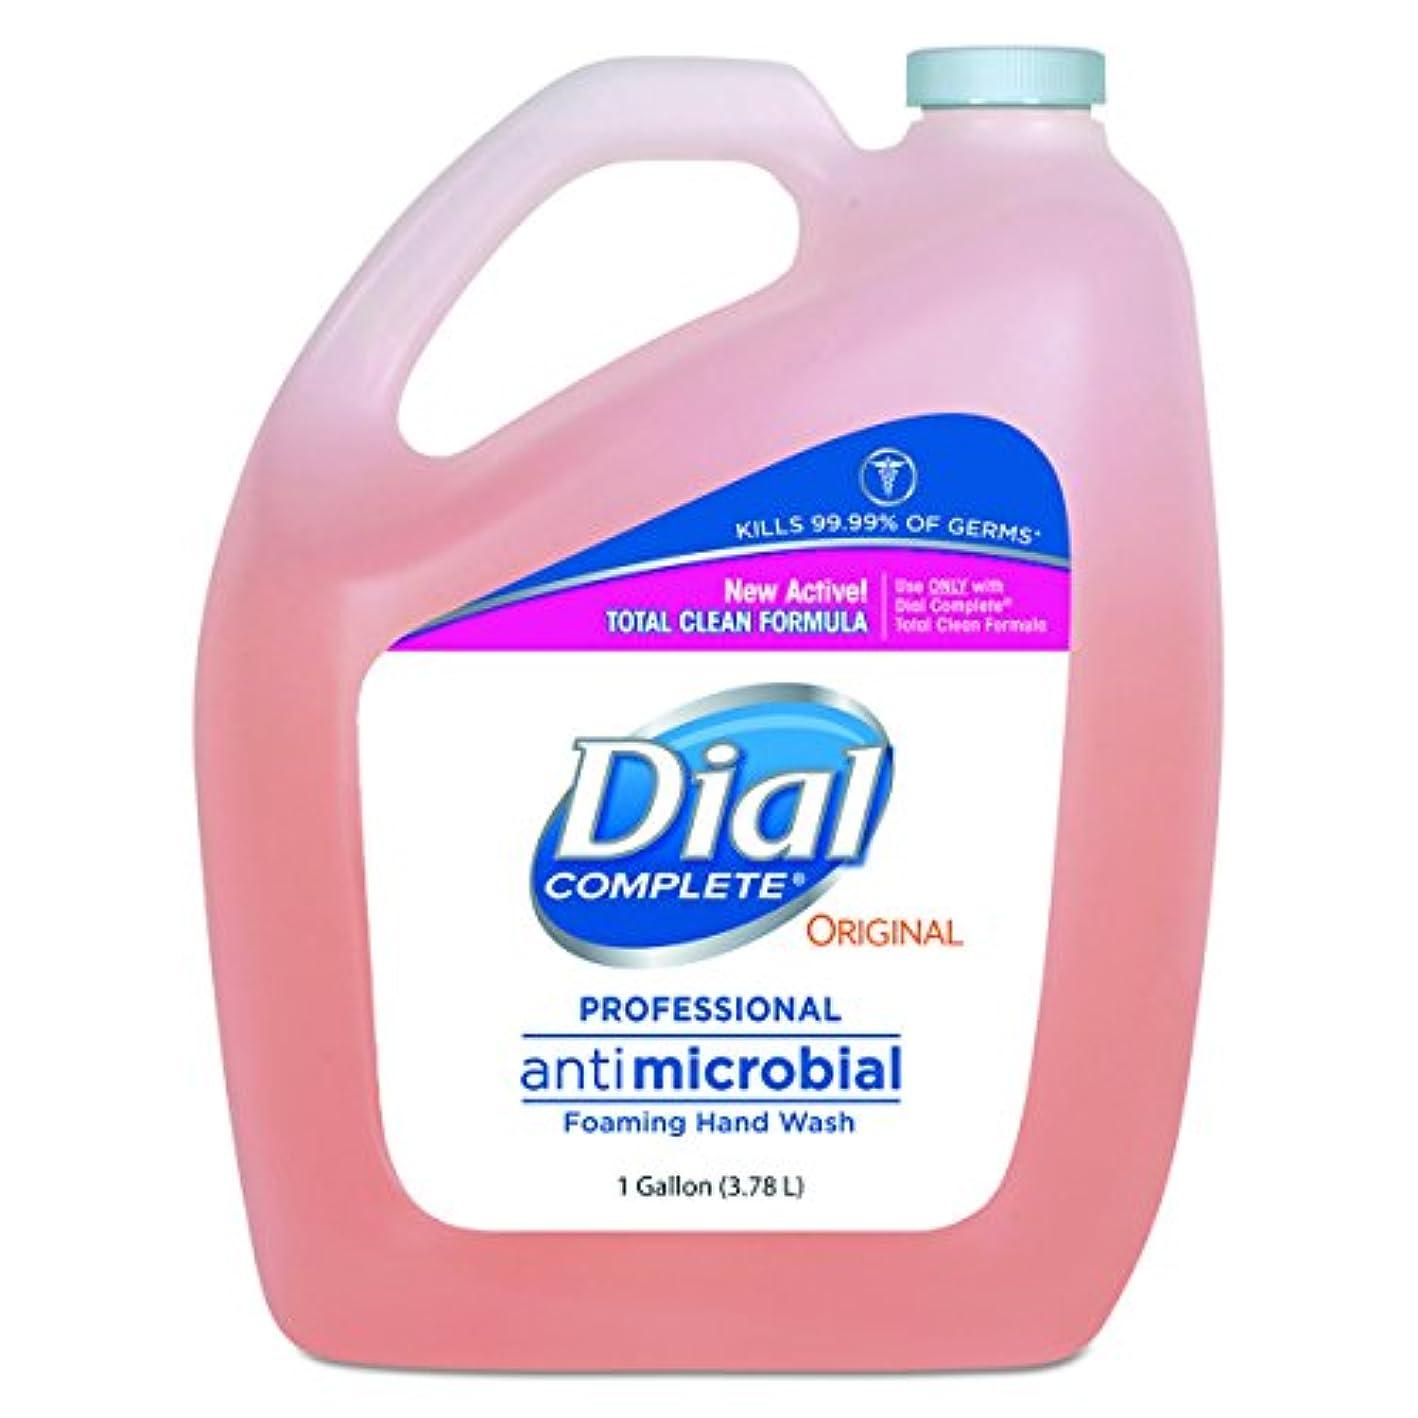 航海の収束男ダイヤルProfessional抗菌Foaming Hand Soap、元香り, 1 gal。、4 /カートン